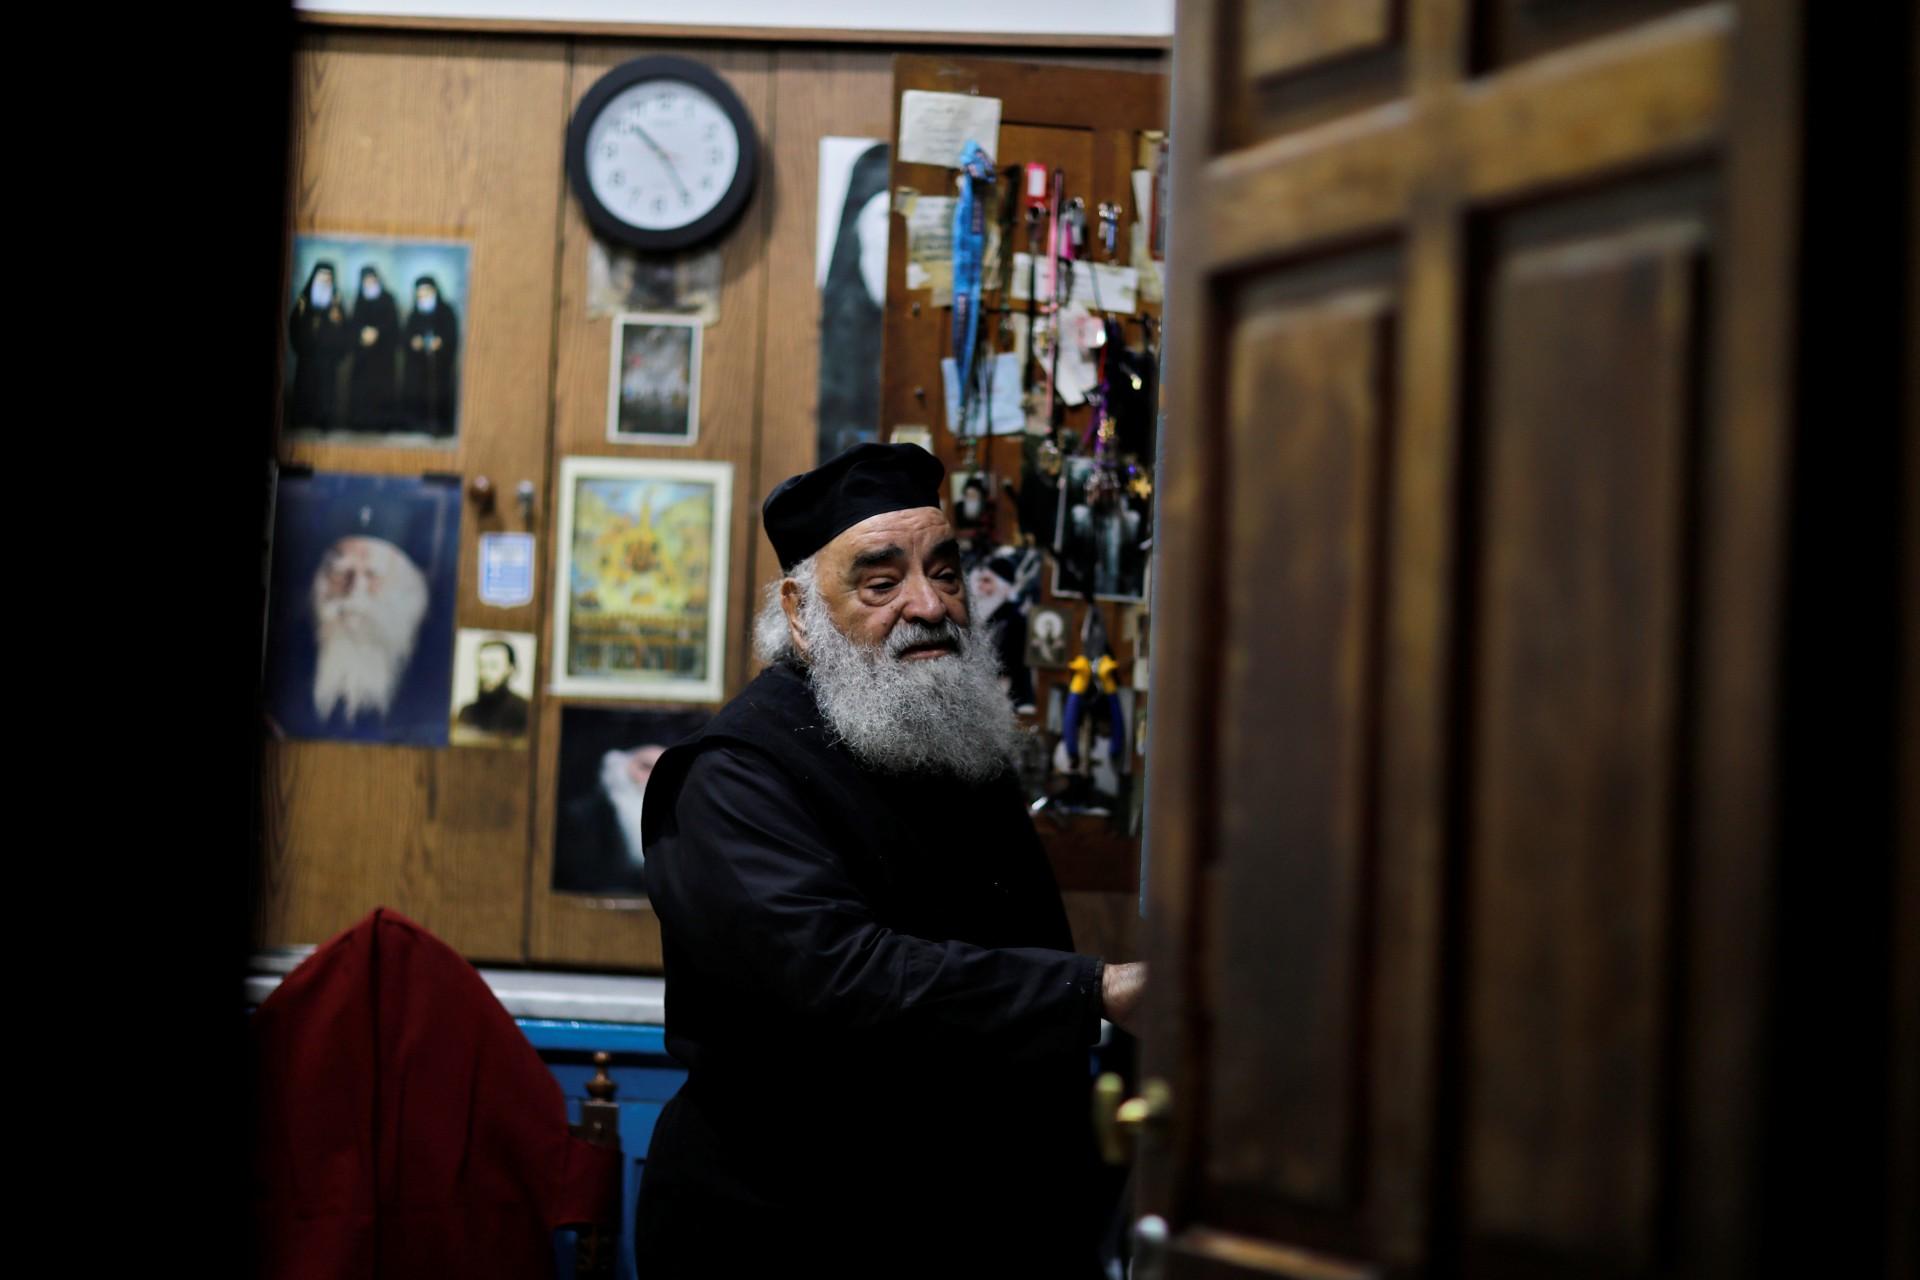 Un miembro del clero cristiano ortodoxo se encuentra en una oficina dentro de la Iglesia del Santo Sepulcro en la Ciudad Vieja de Jerusalén, 17 de noviembre de 2018.